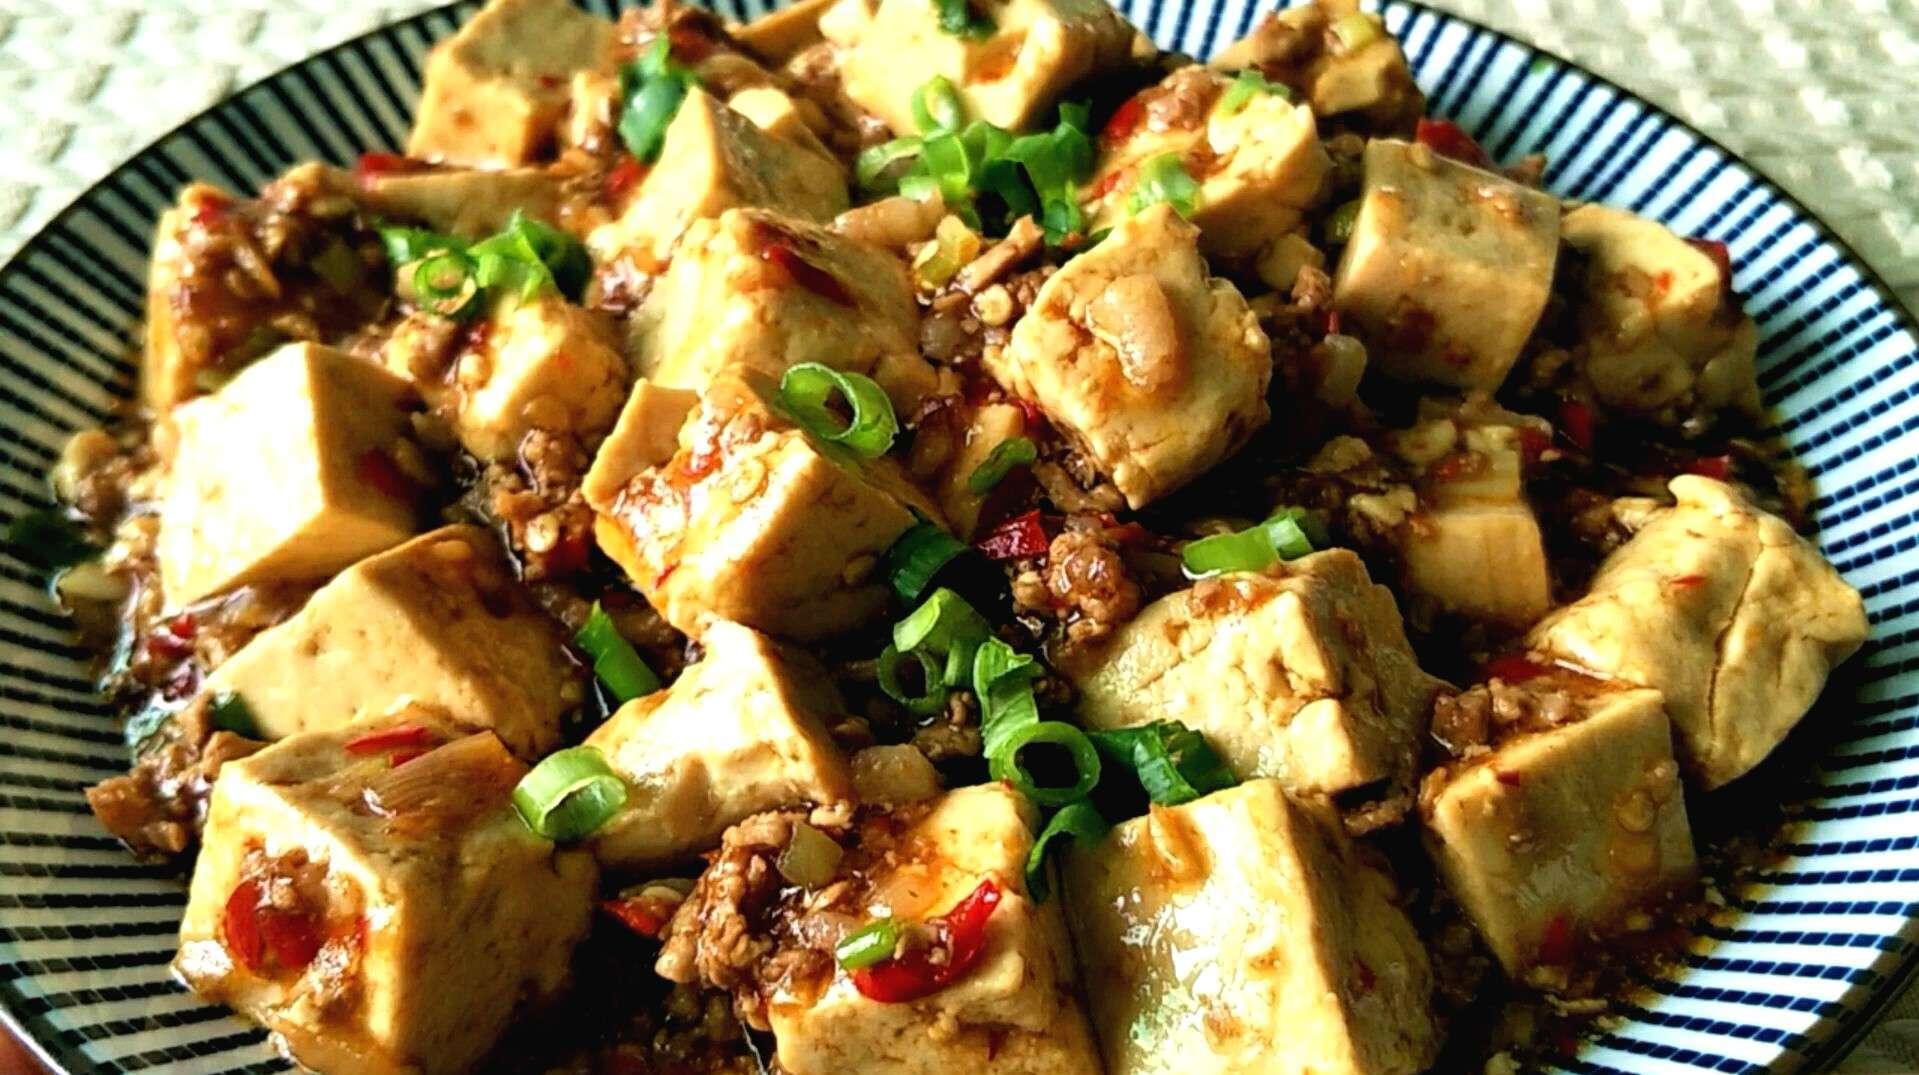 豆腐里加上它,味道提升一半,比红烧豆腐麻婆豆腐都好吃,超下饭